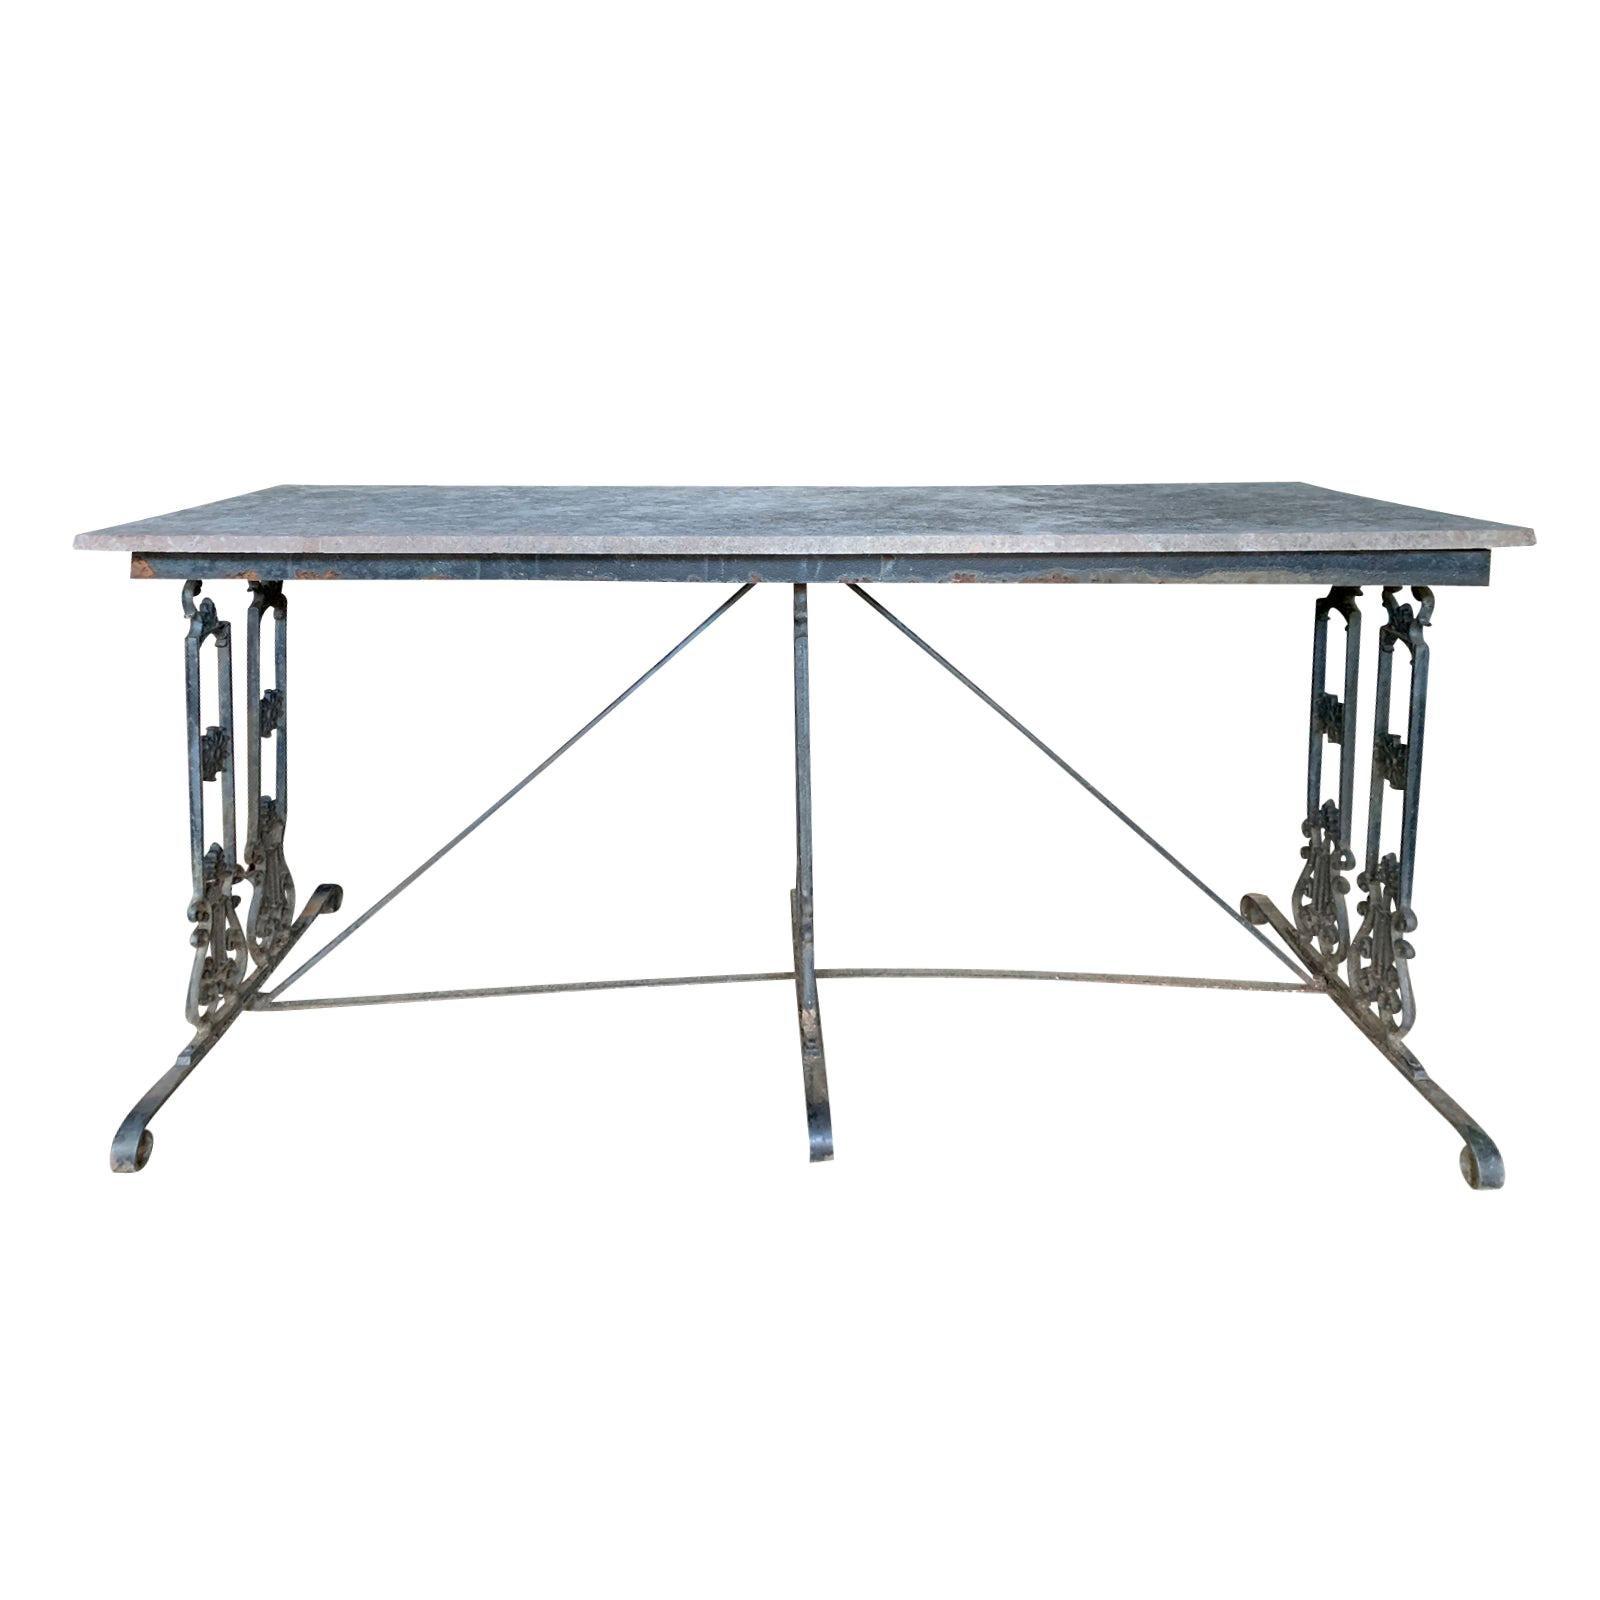 Empire Style Cast Iron Garden Table with Stone Top, circa 1900